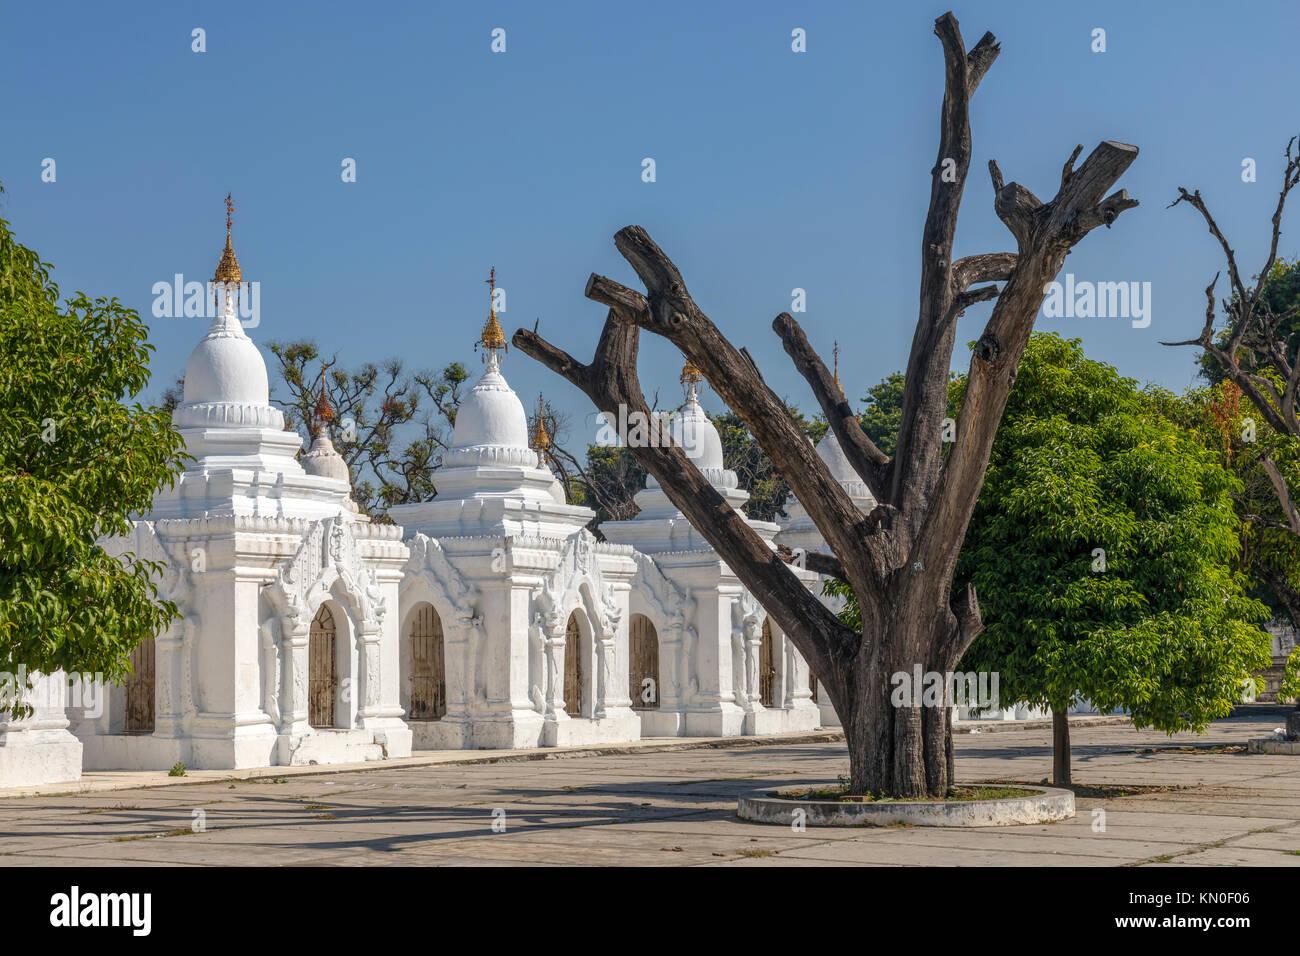 Kuthodaw Pagoda, Mandalay, Myanmar, Asia - Stock Image